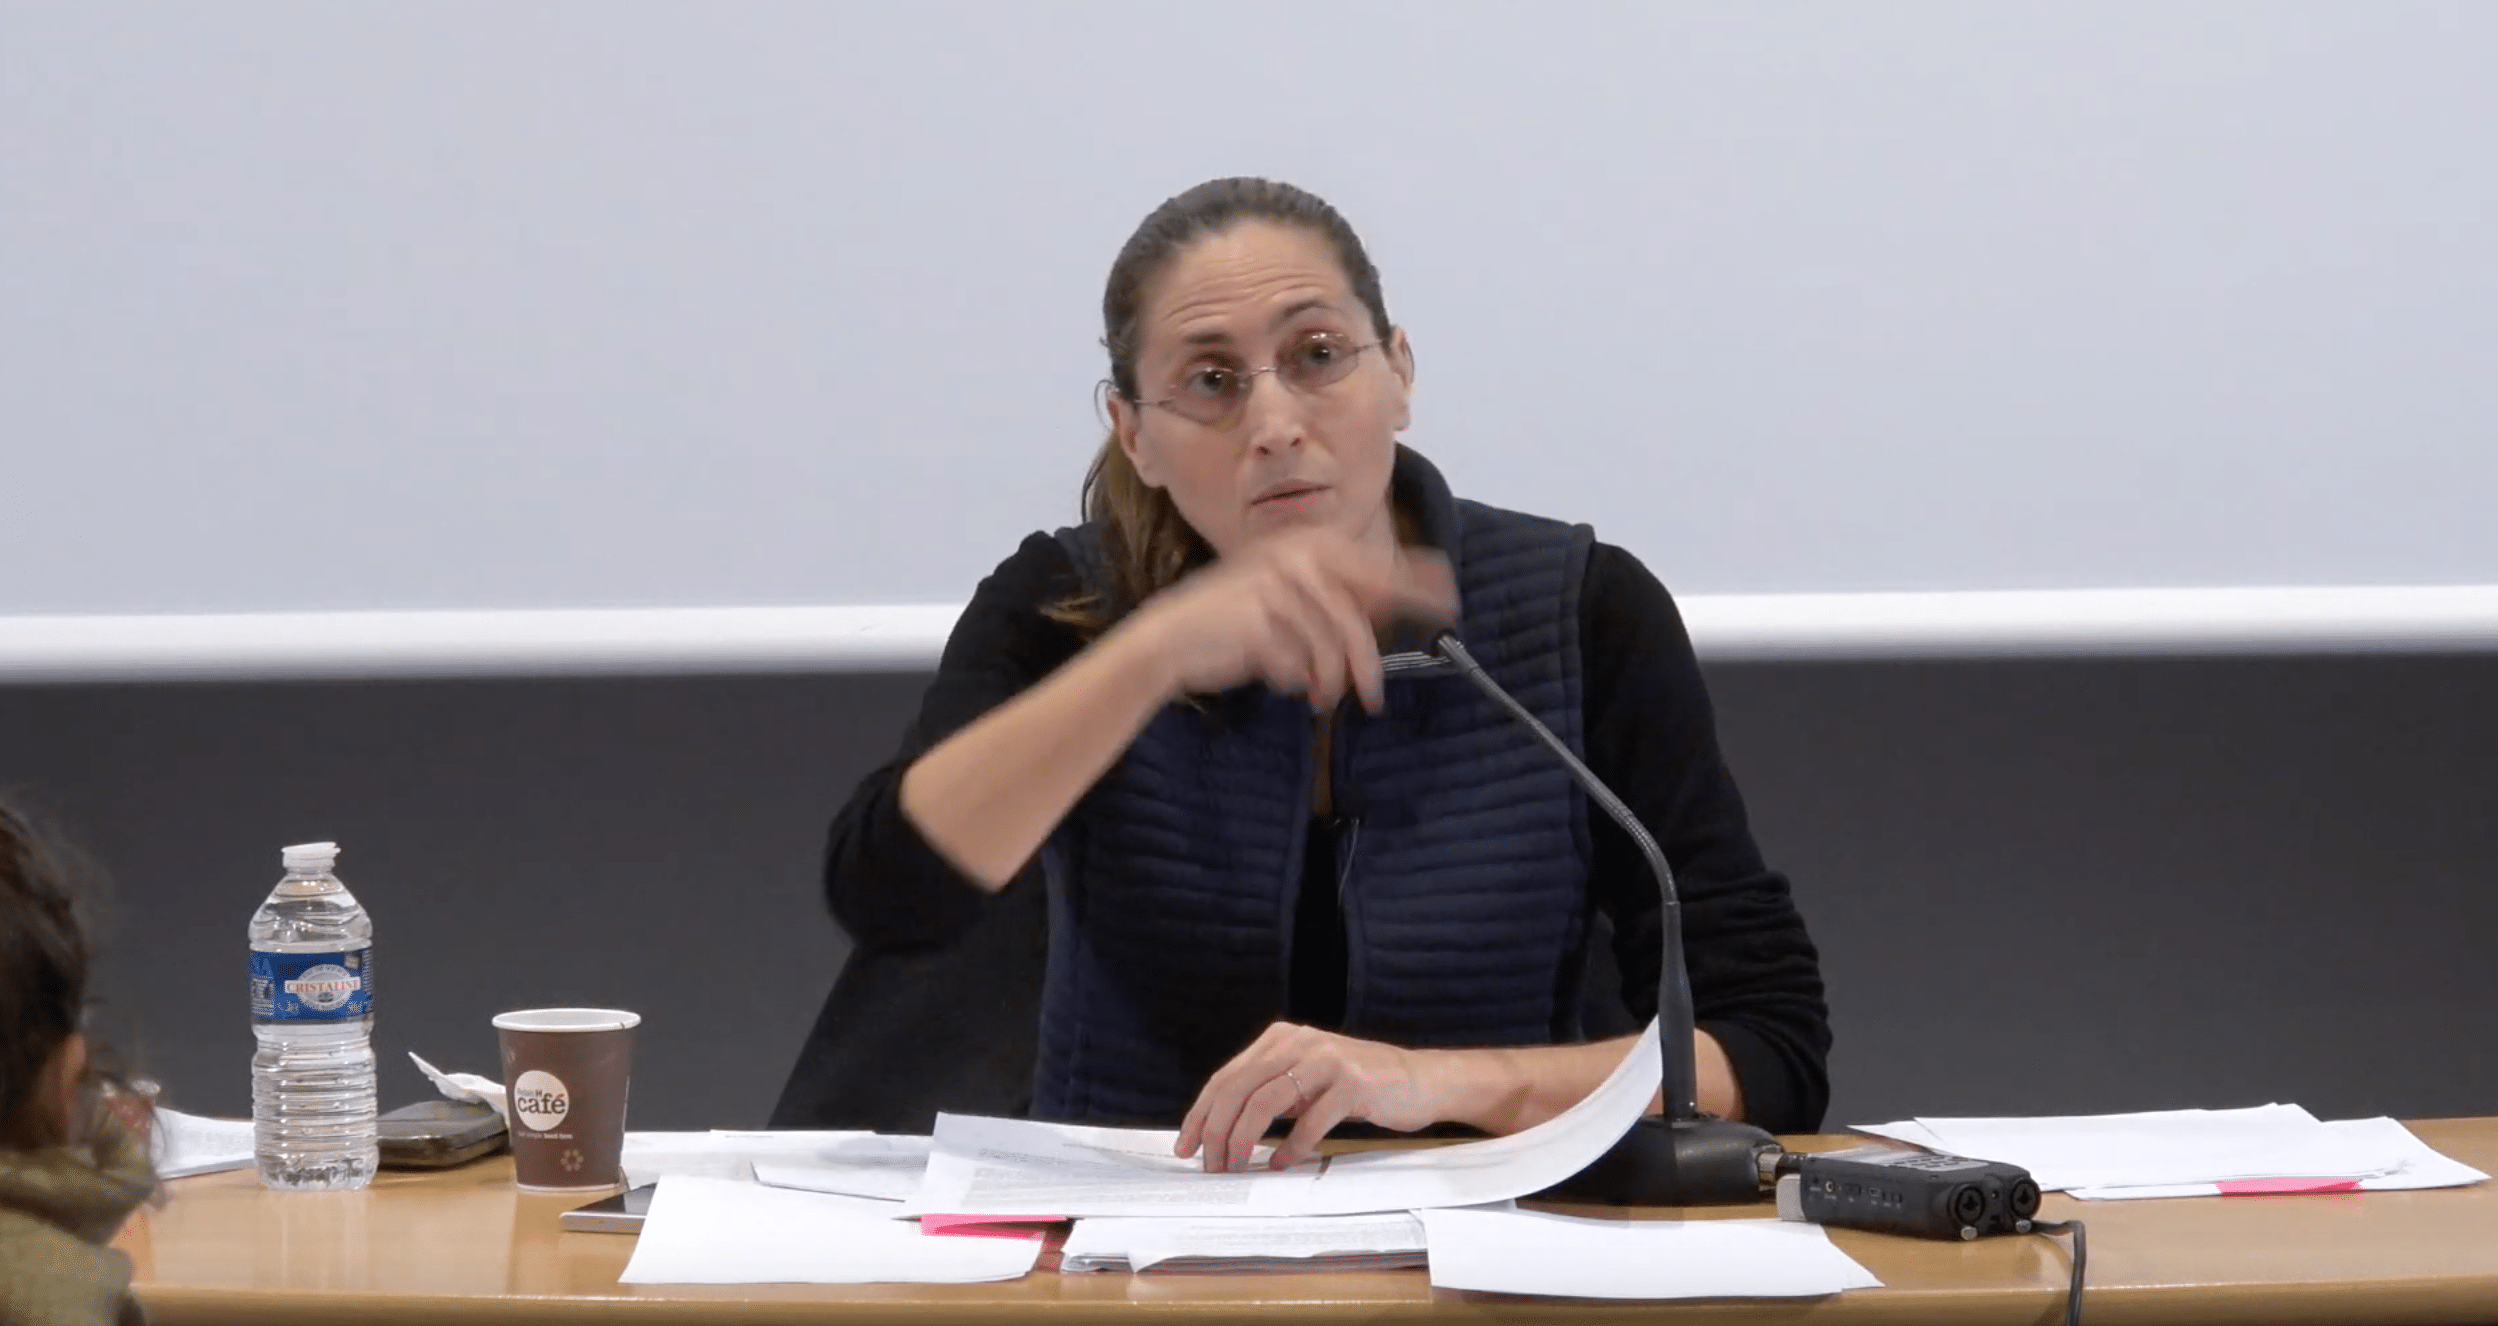 Cynthia Fleury – Qu'est-ce que le déni ? Face au refus de soin et au déni d'être malade